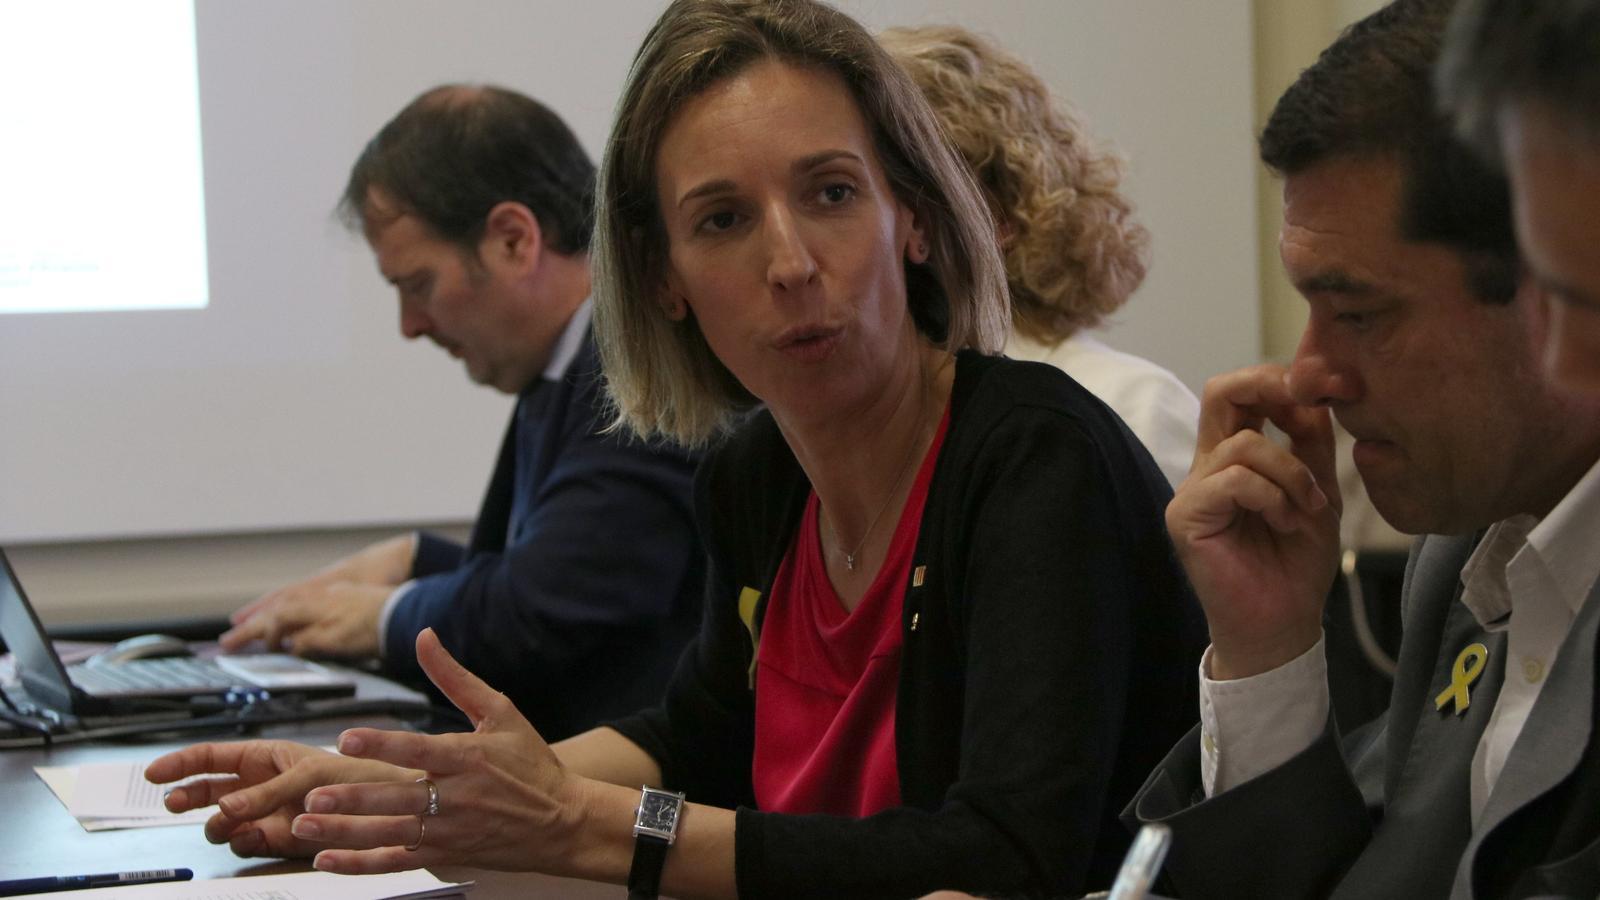 La inversió estrangera a Catalunya cau més del 30% el 2017 però el 2018 s'encamina cap al rècord